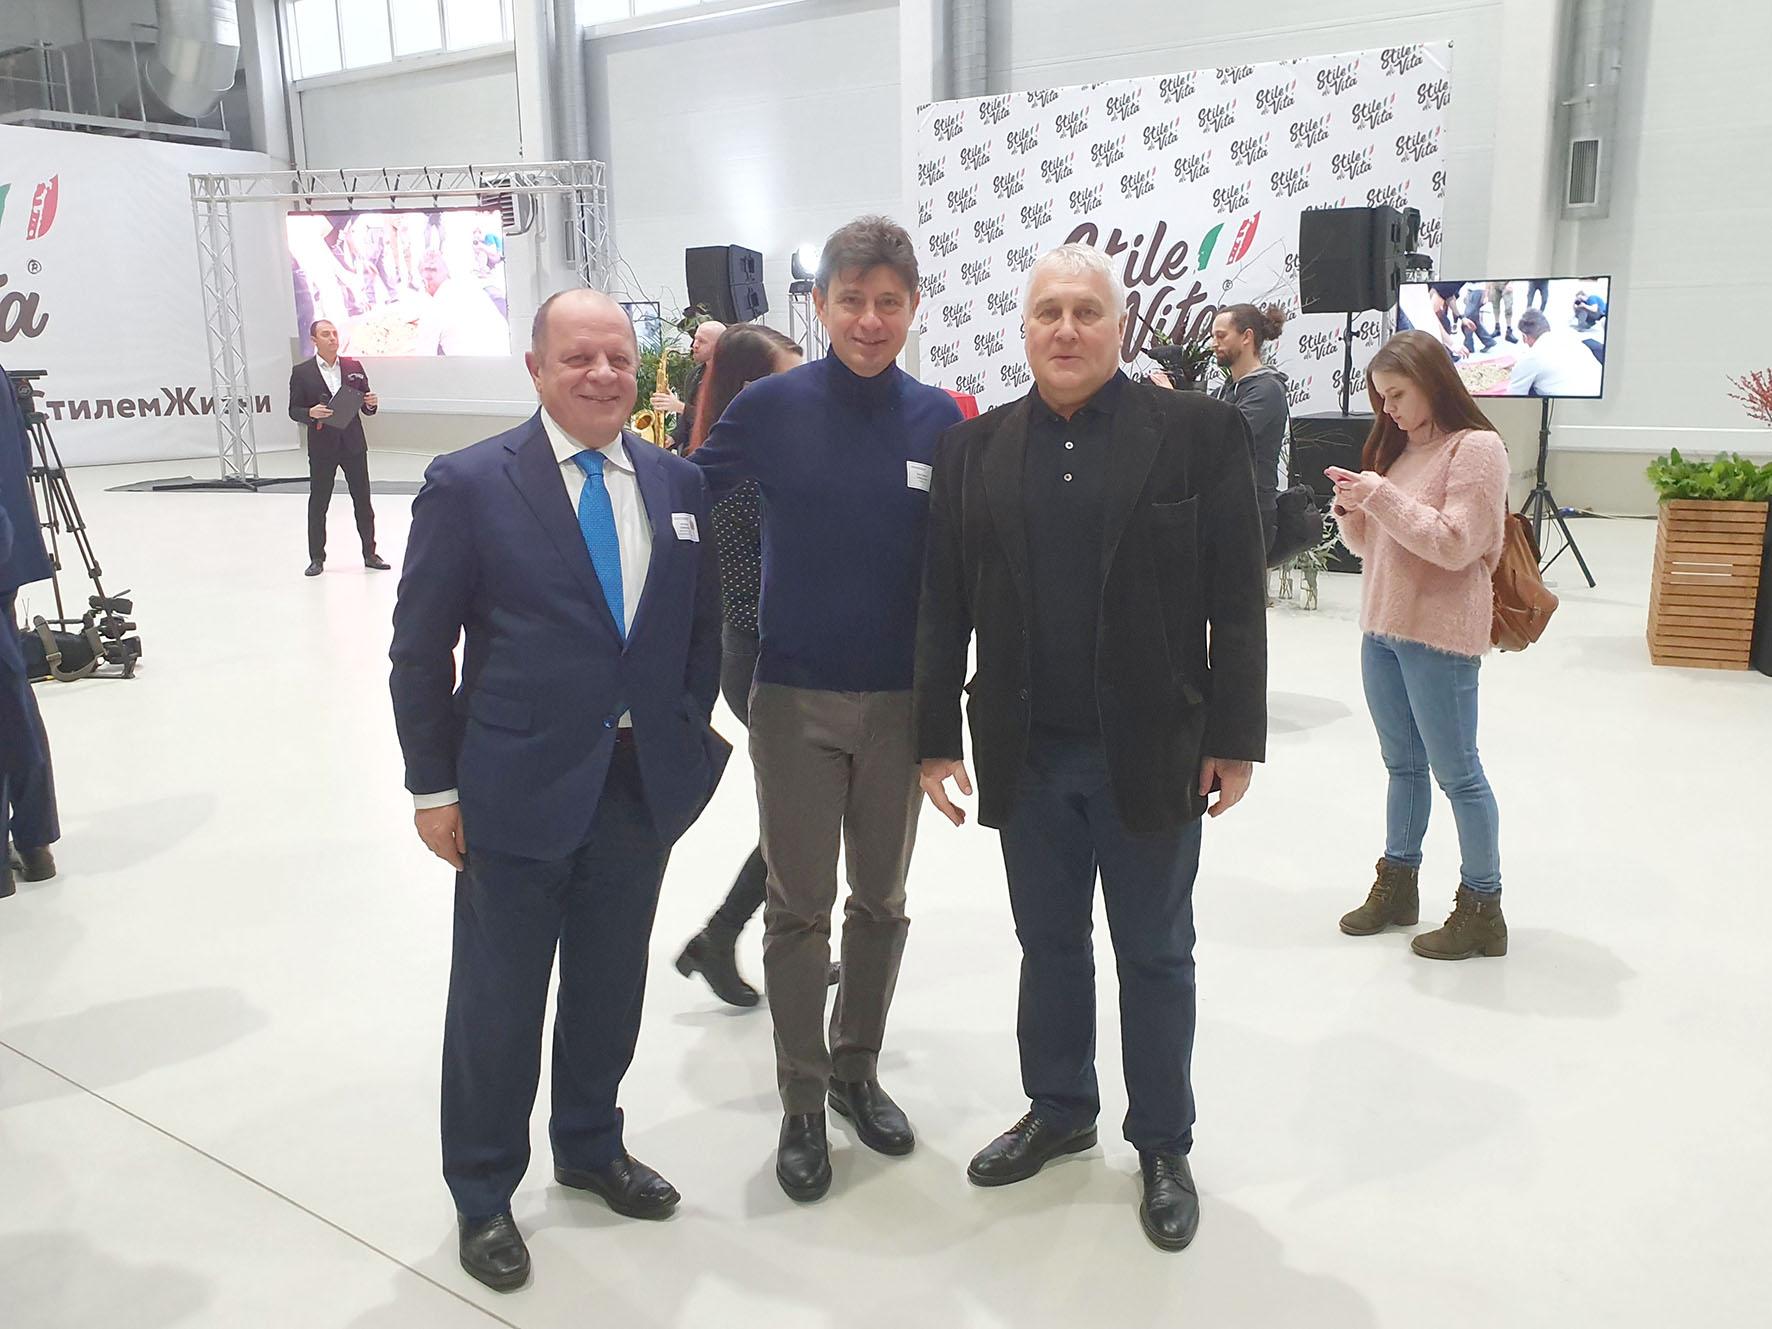 Associazione Amici dell'Italia e della Russia presente a Lipetsk  in occasione del XIV Forum Investimenti